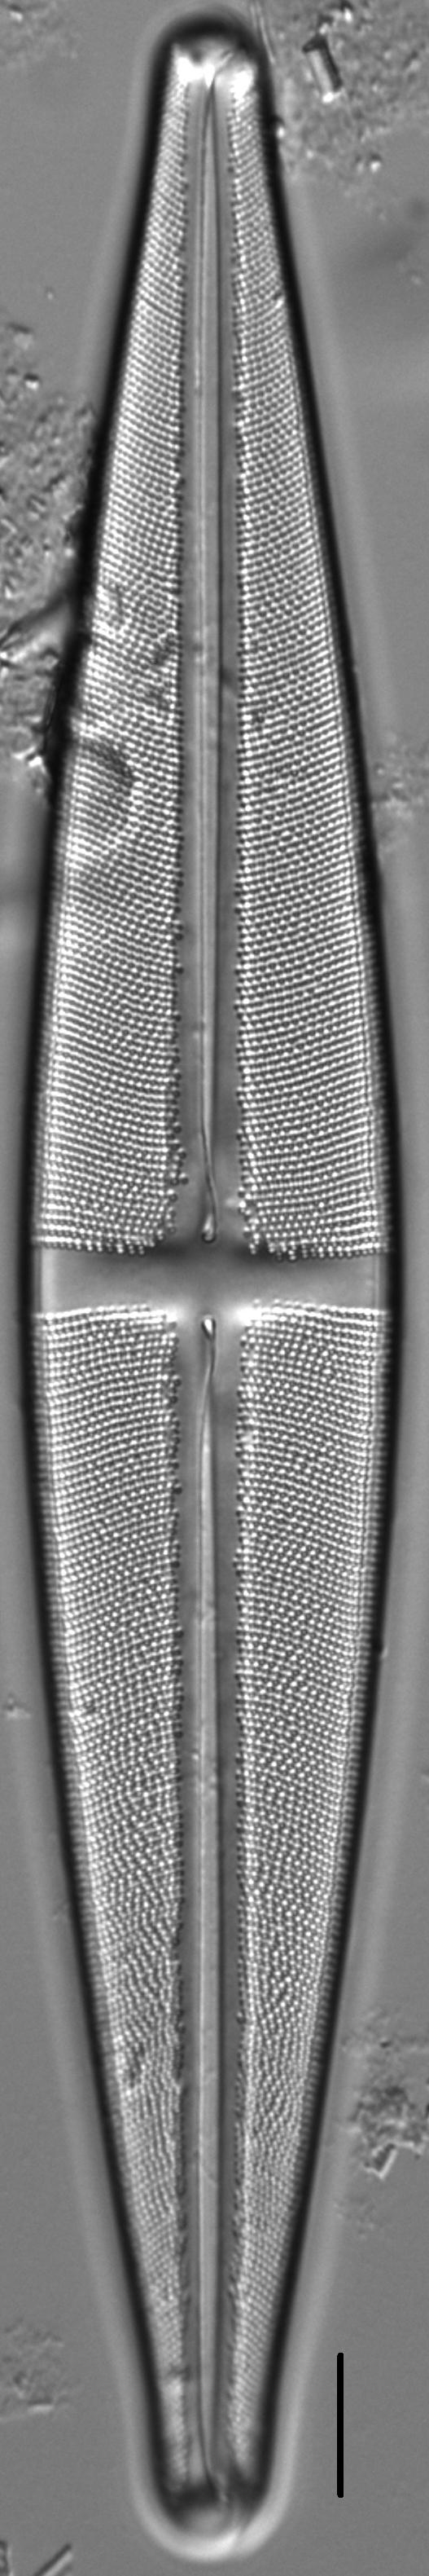 Stauroneis supergracilis LM13